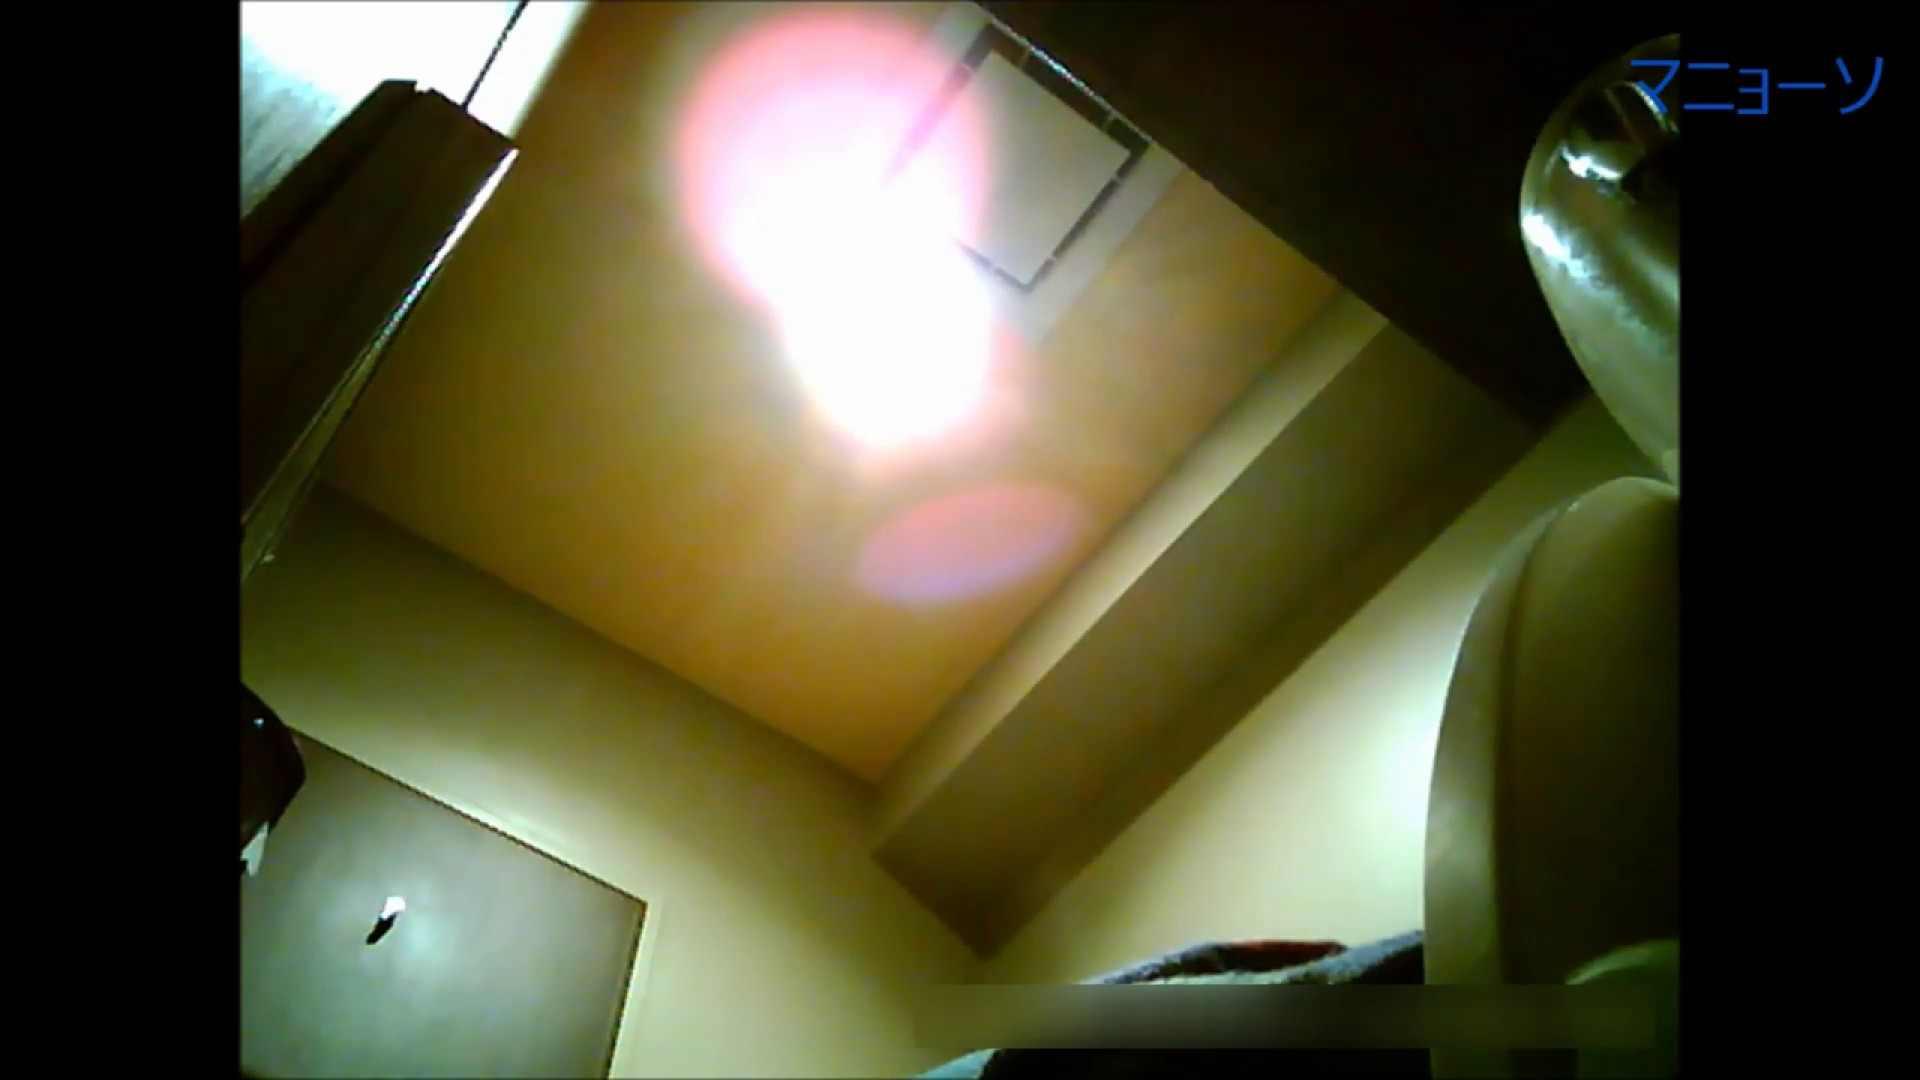 トイレでひと肌脱いでもらいました (JD編)Vol.02 トイレ | OLの実態  80pic 33